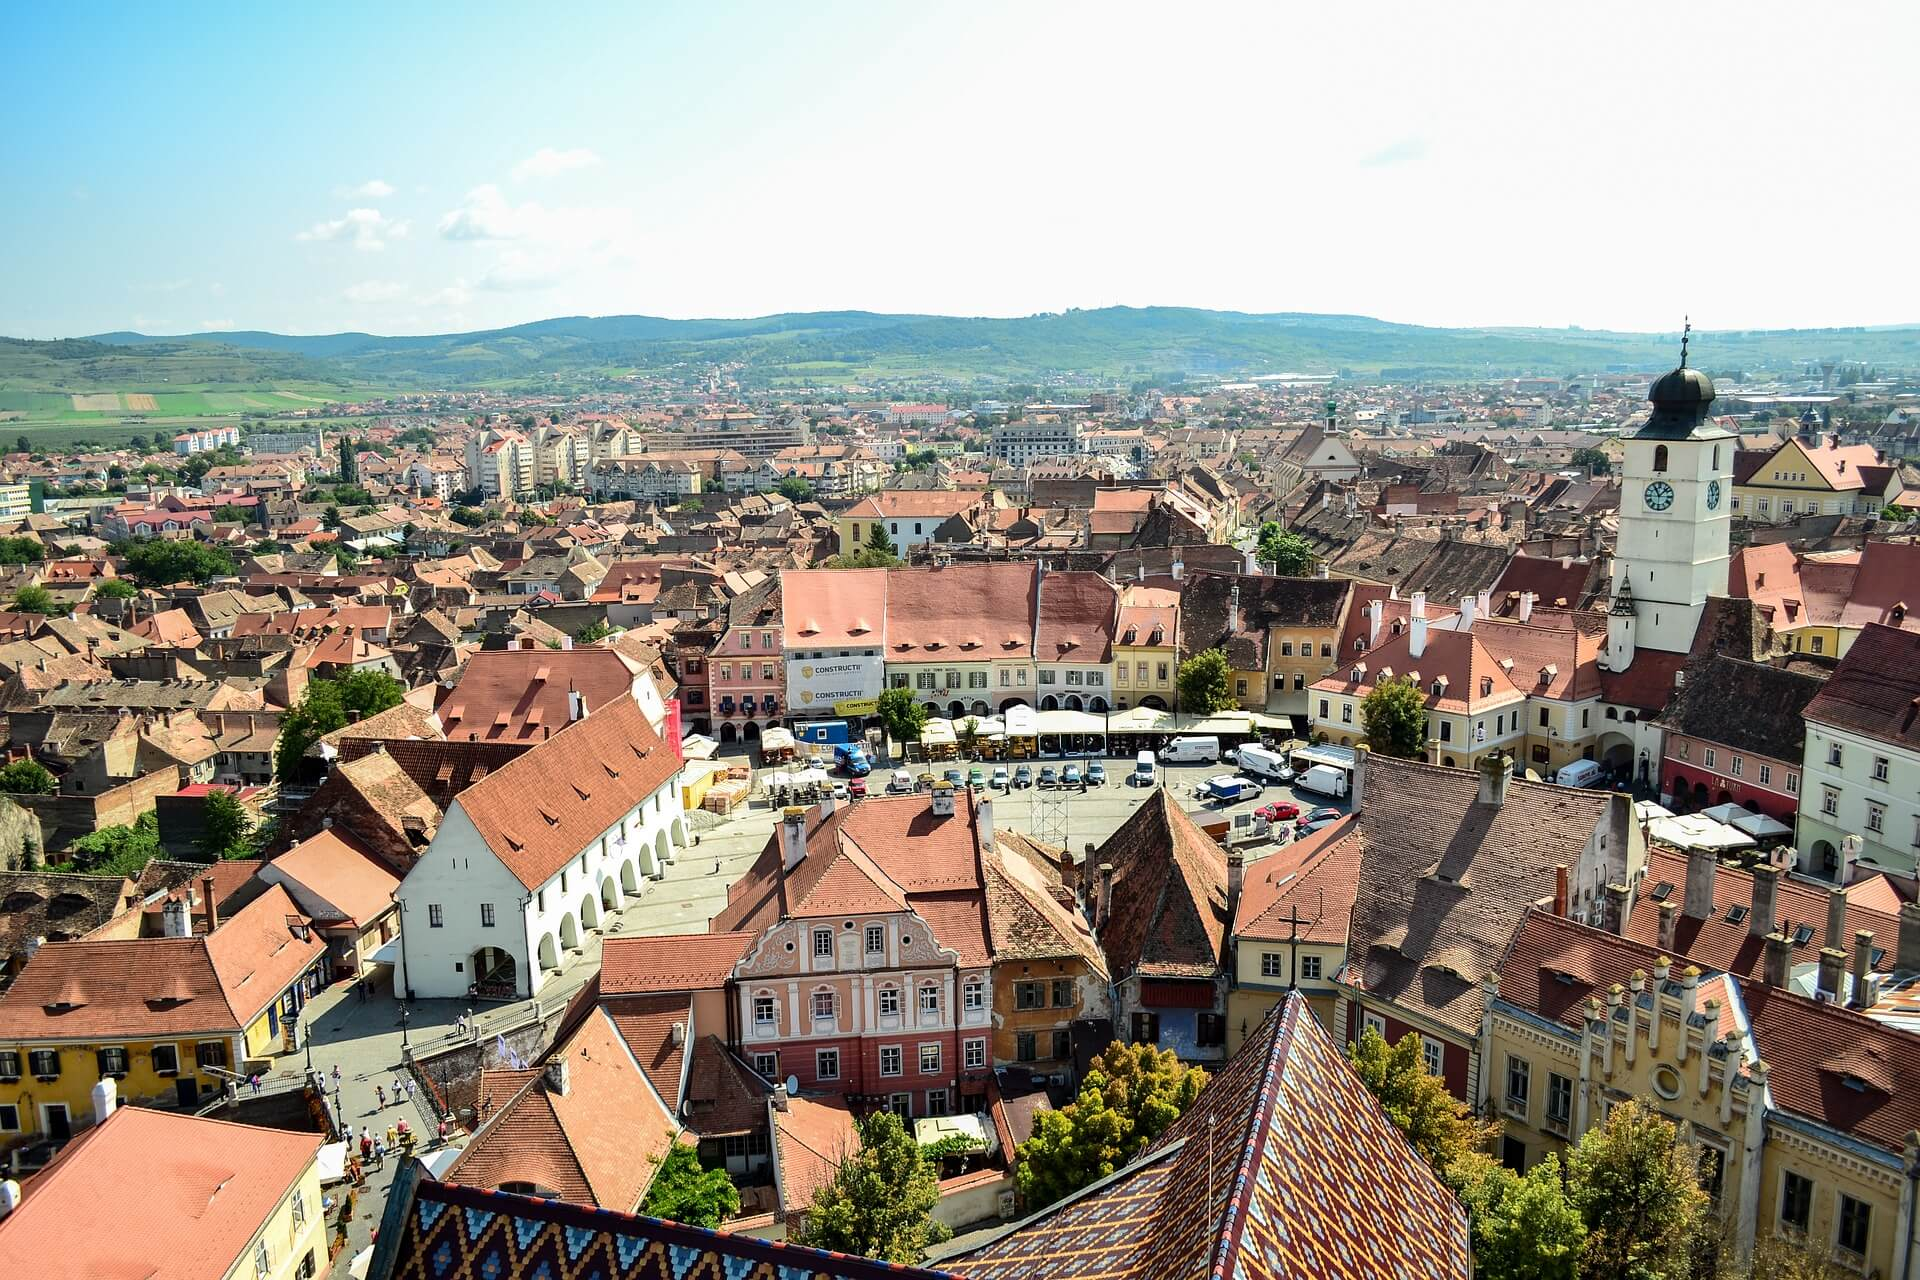 Direktflüge und Billigflüge nach Sibiu